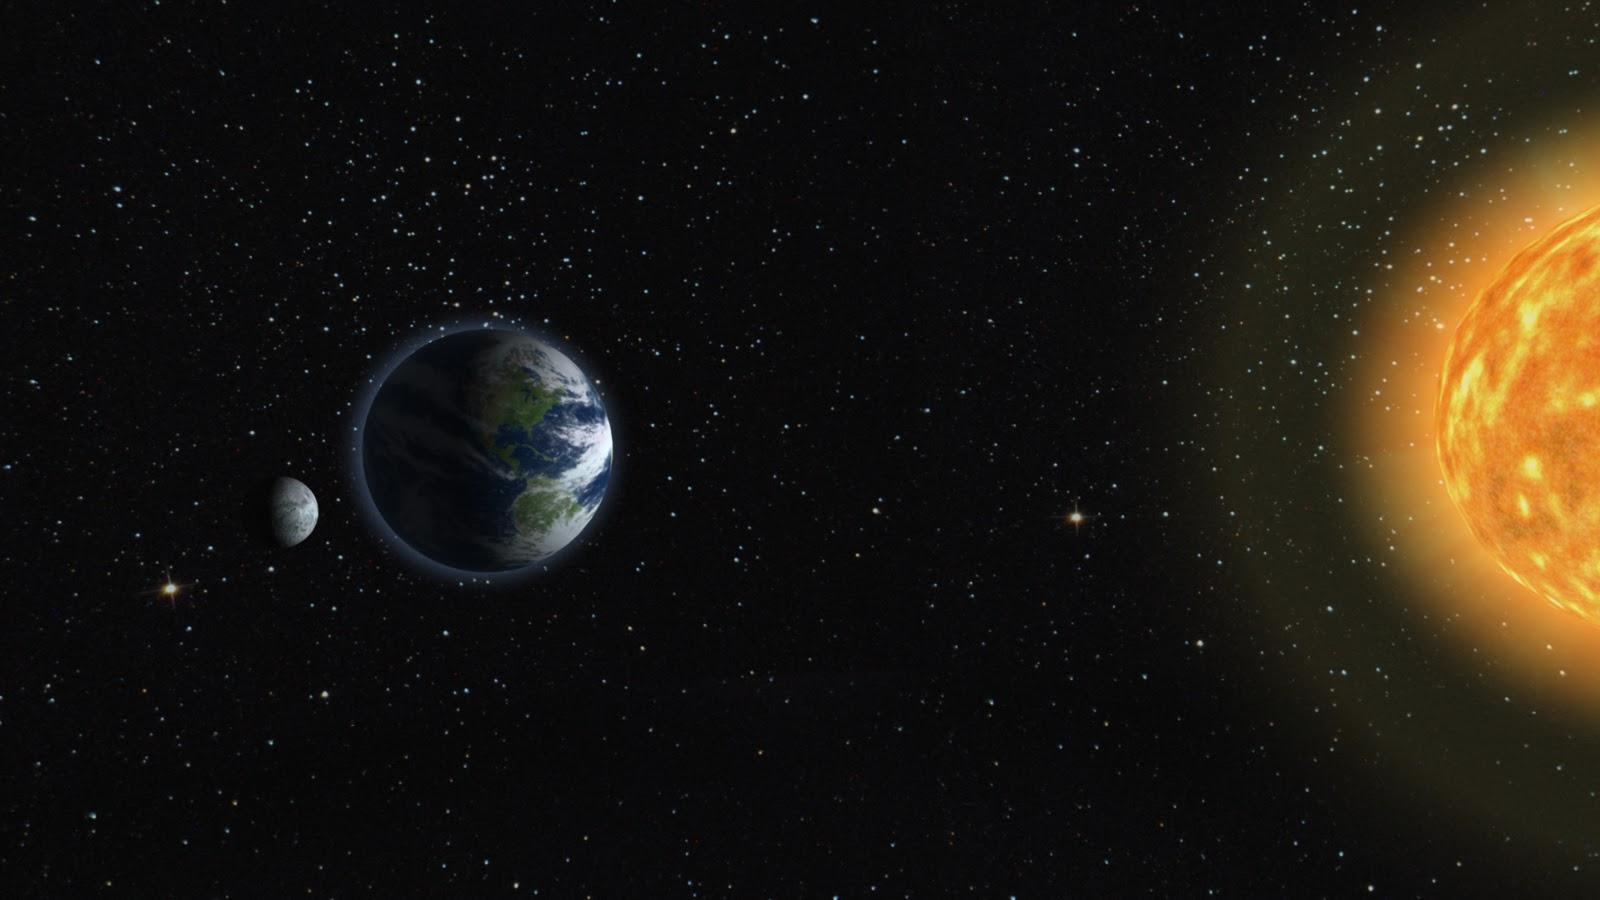 astrofotos colombia solsticio de verano y